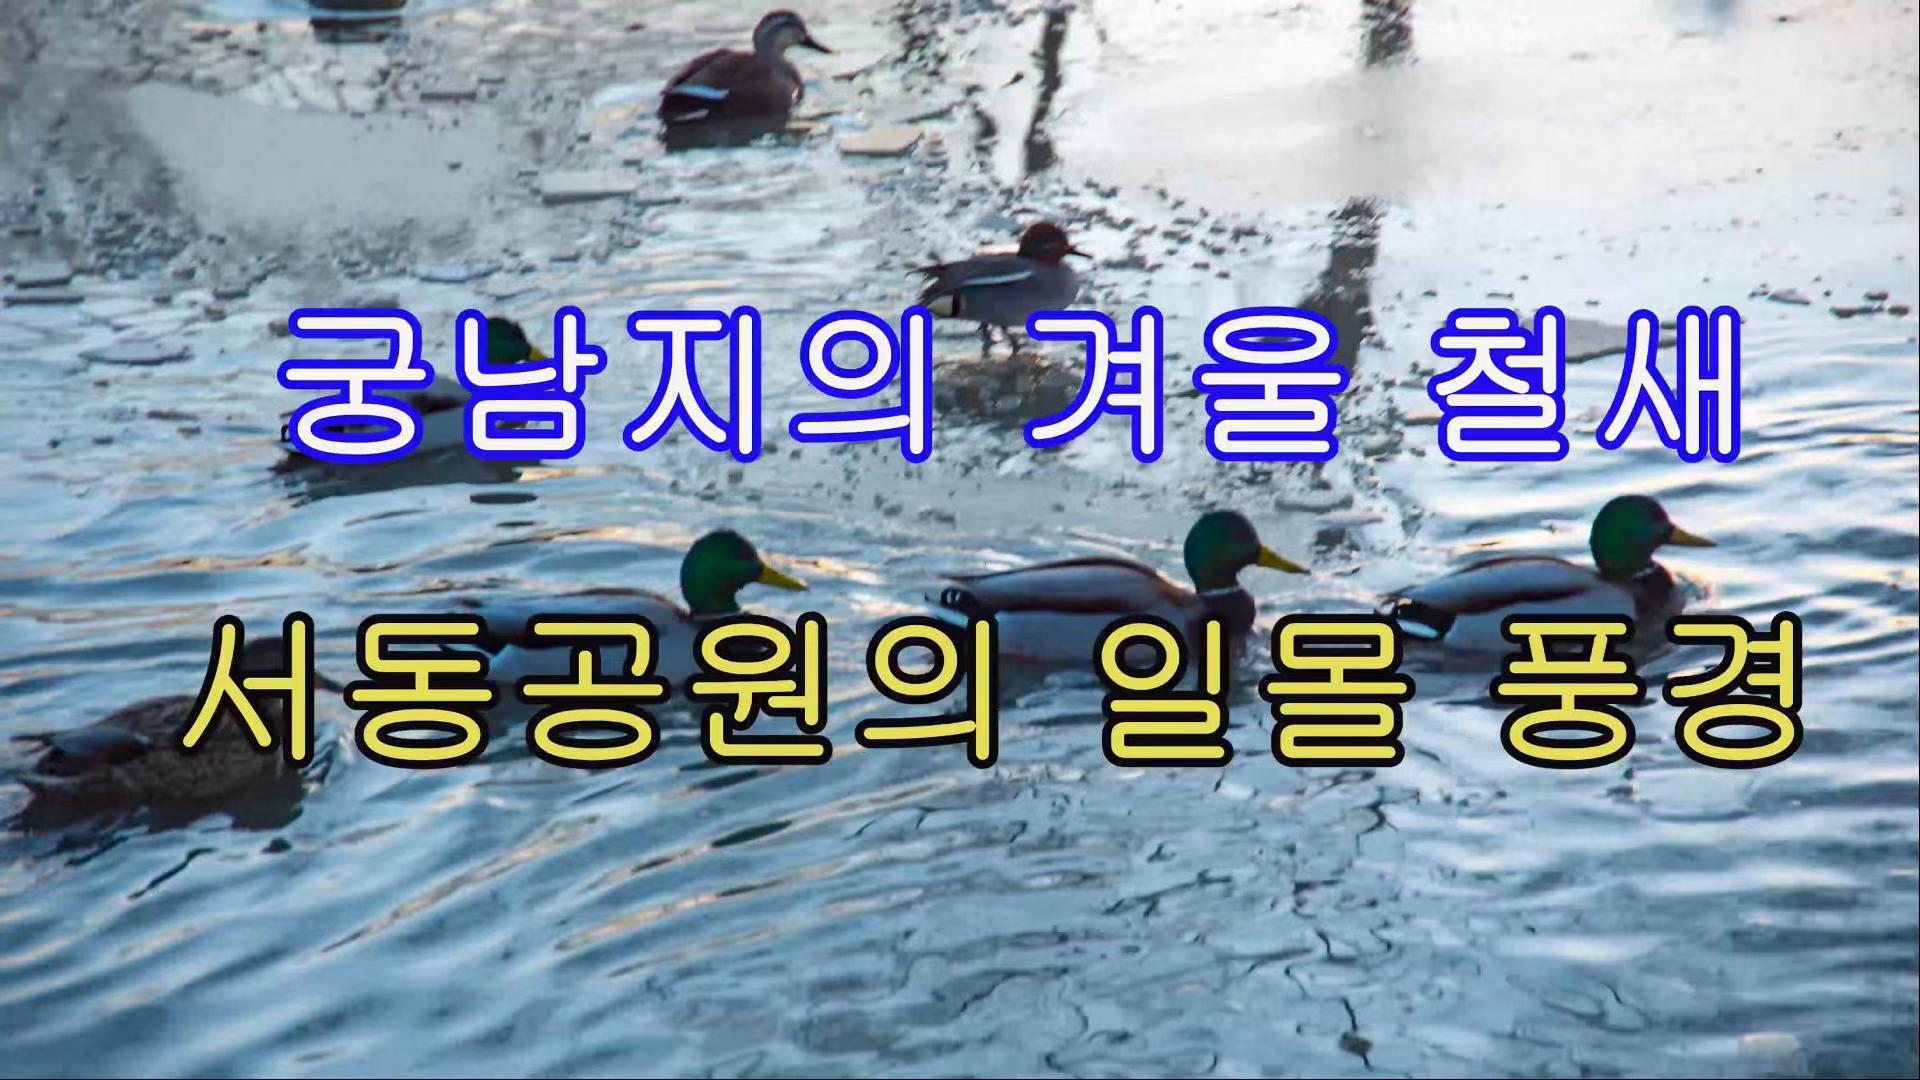 궁남지의 겨울 철새